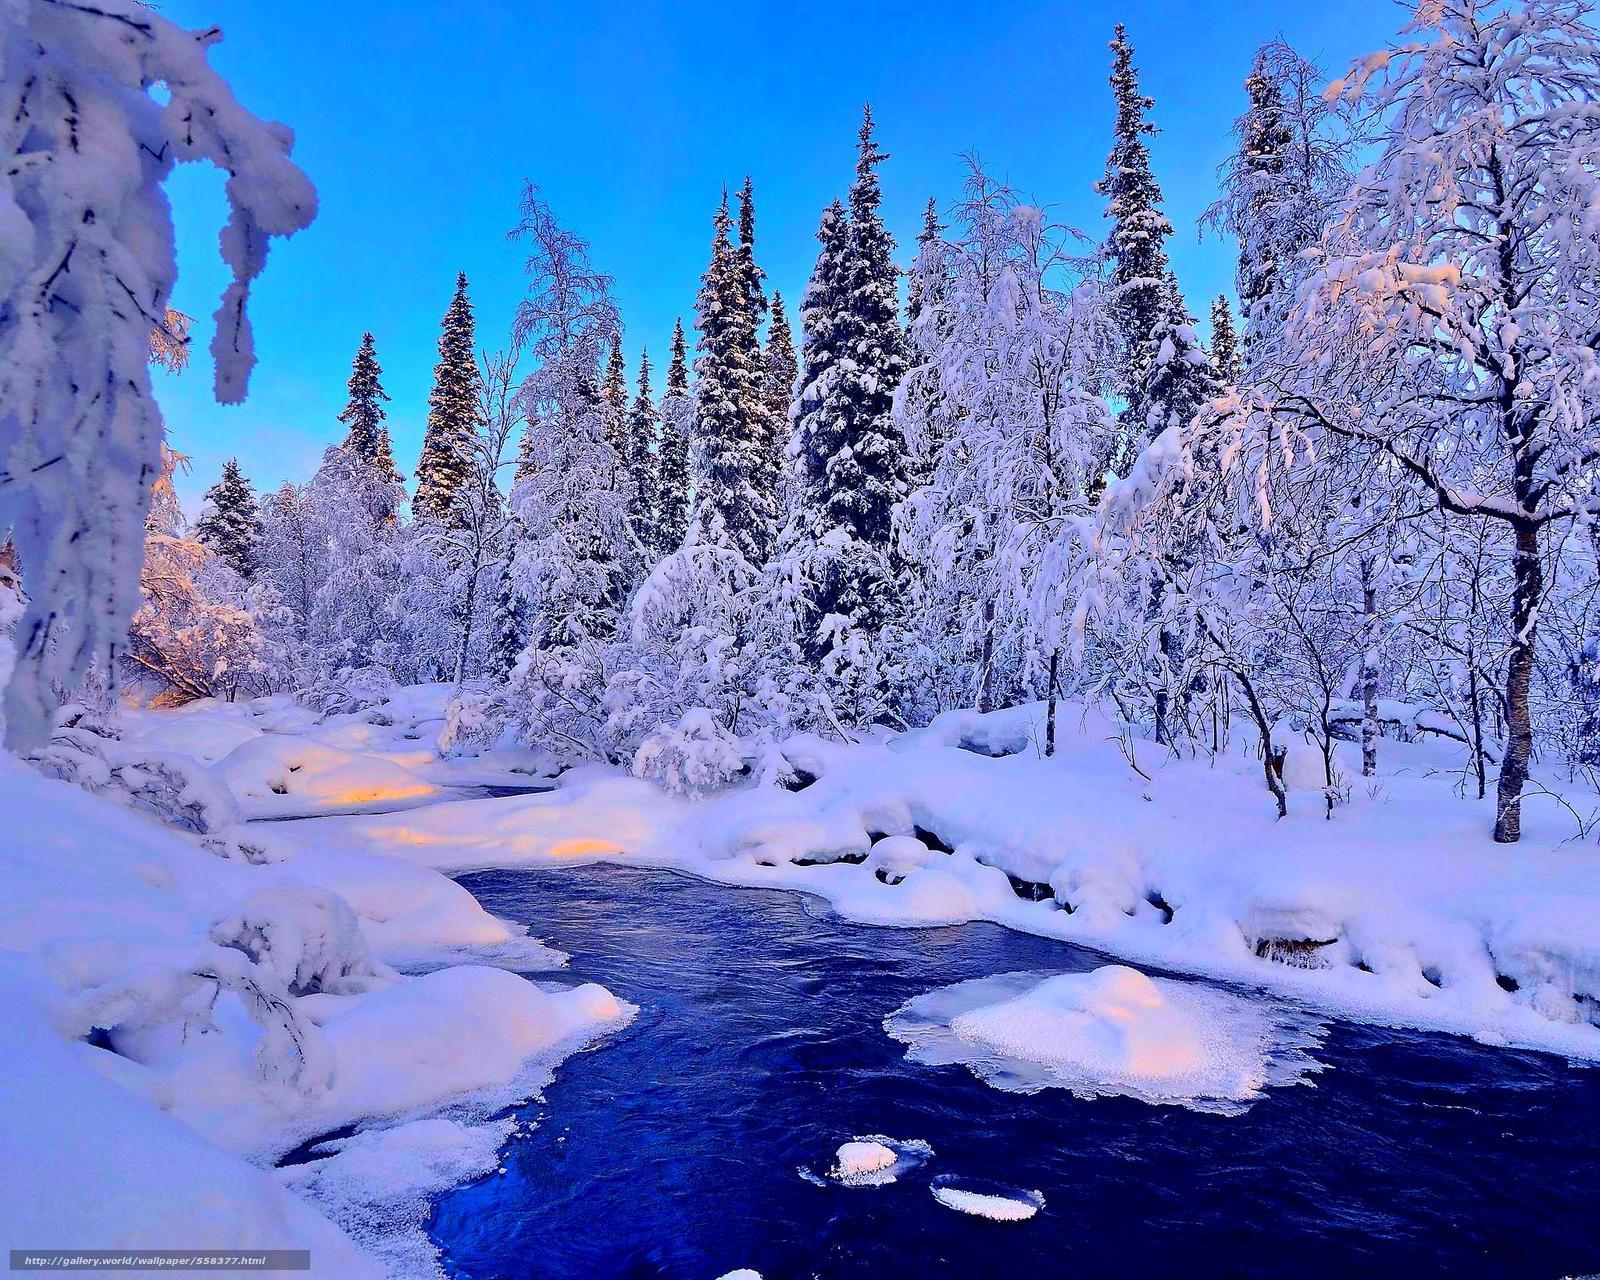 Tlcharger fond d 39 ecran hiver rivi re neige paysage for Fond ecran gratuit pour ordinateur hiver